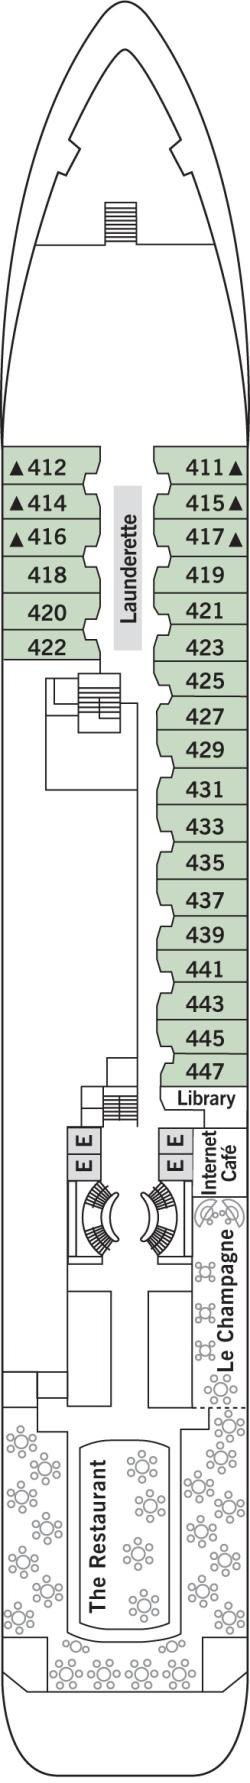 Silver Wind Deck 4: Deck 4